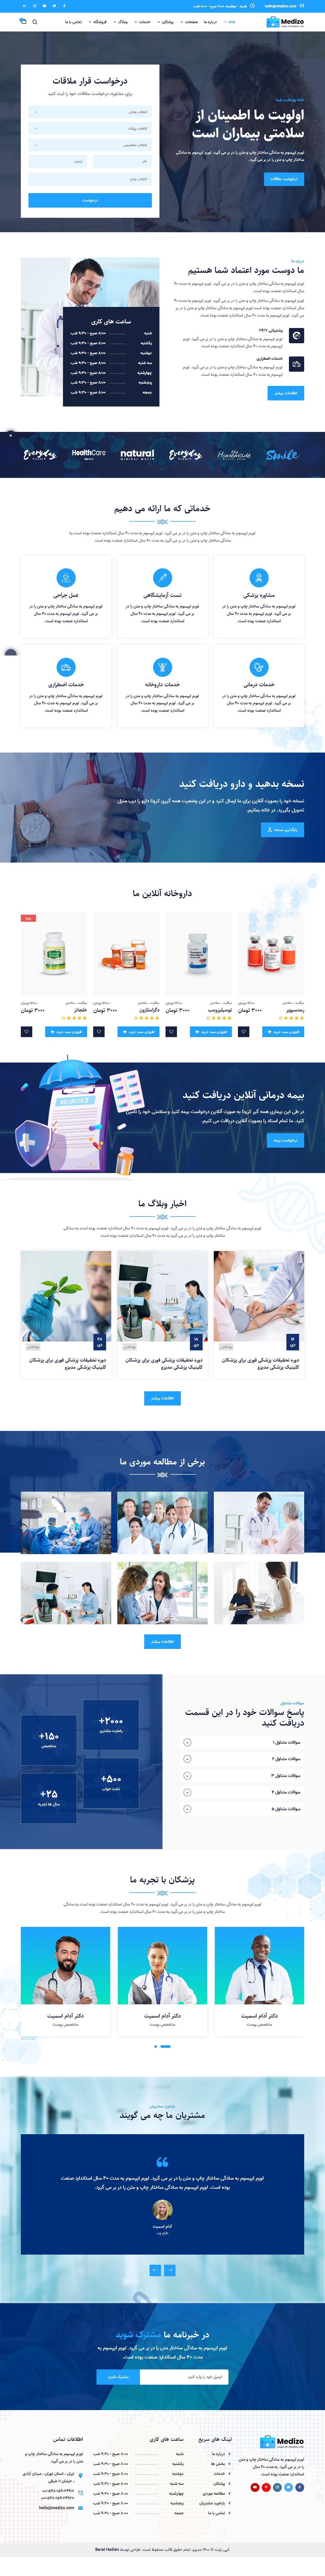 صفحات و امکانات قالب HTML پزشکی مدیزو